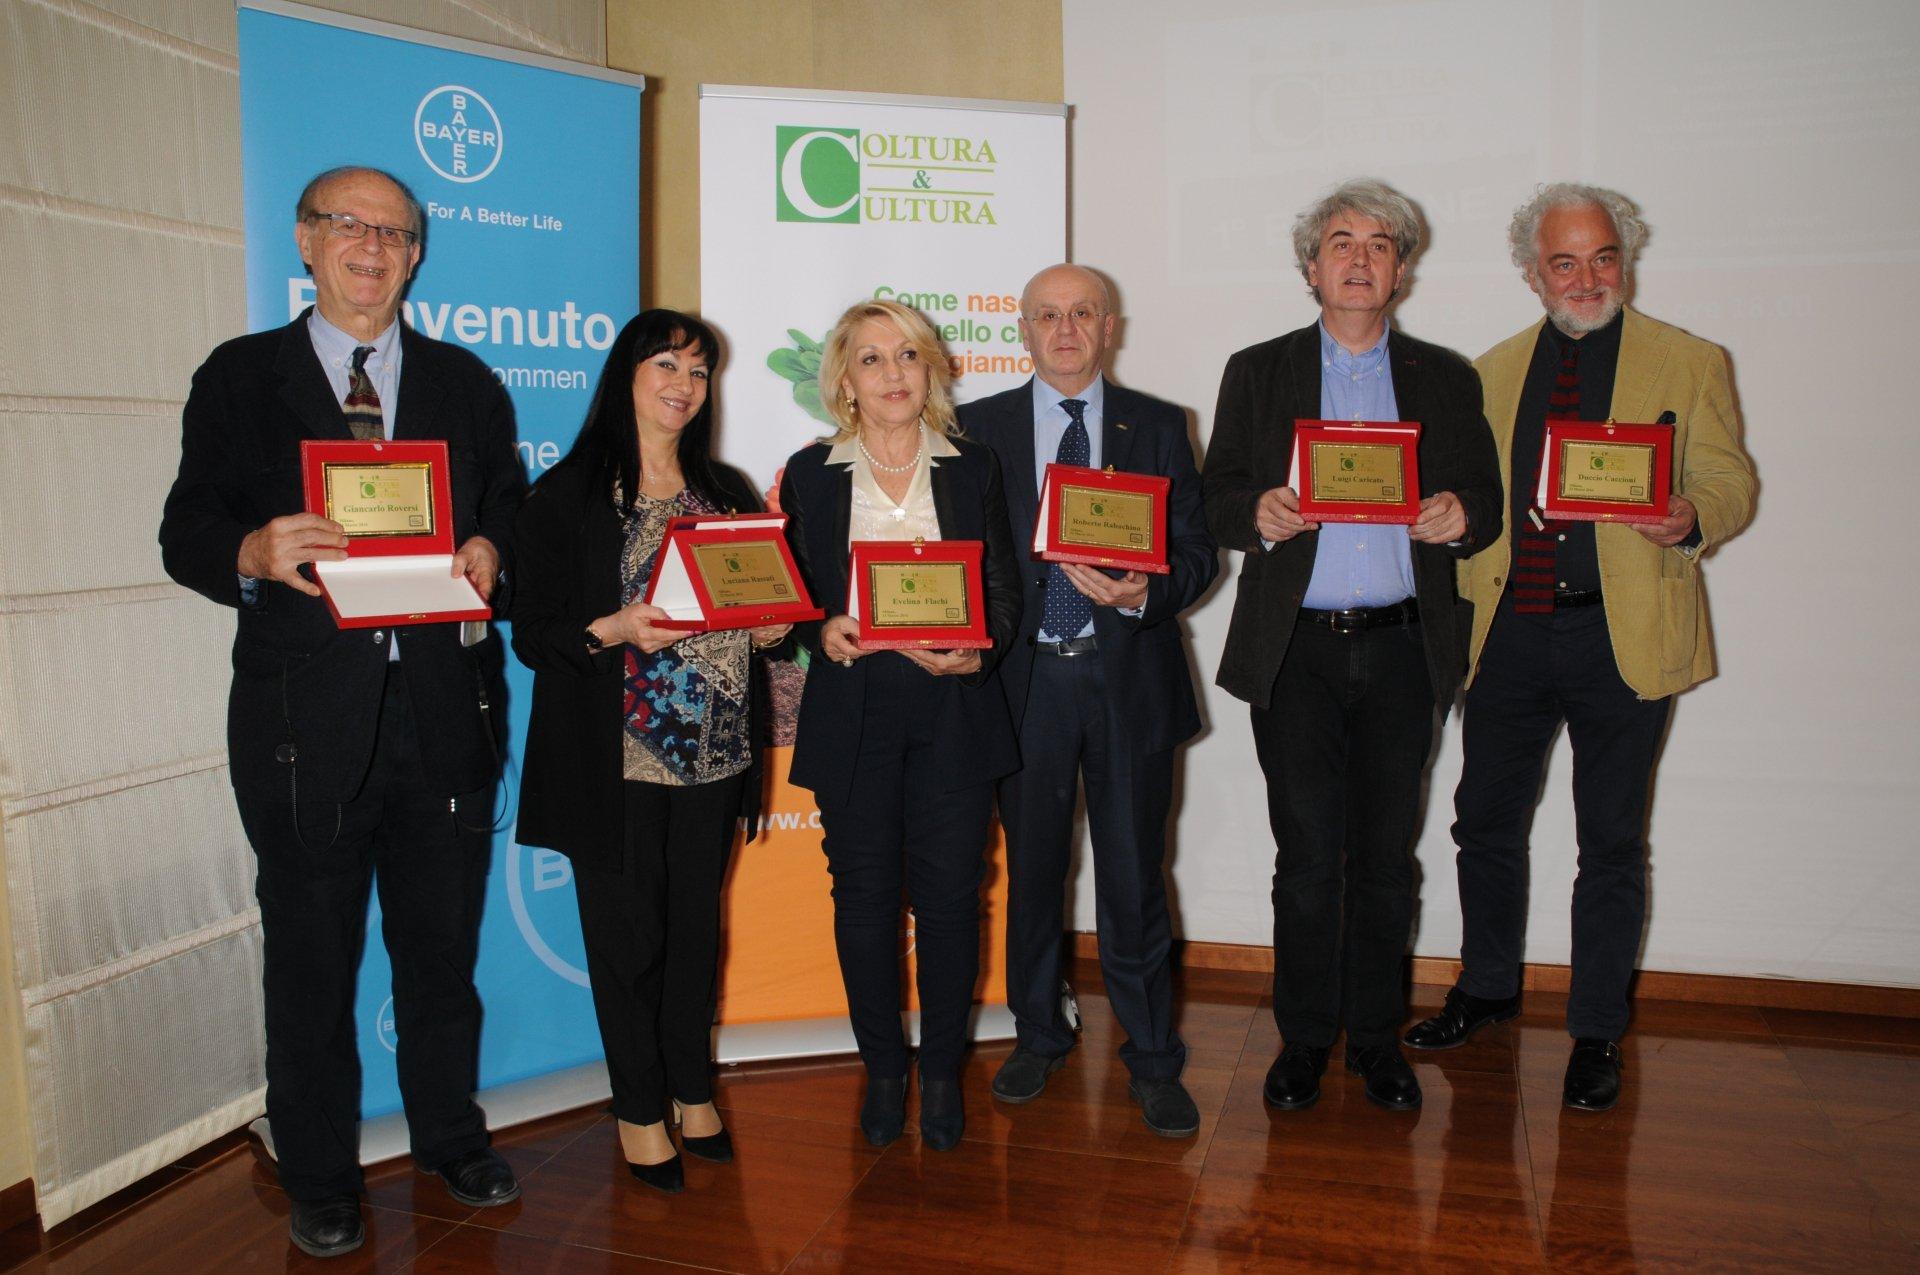 Premio Giornalistico Coltura & Cultura, Bayer ha premiato i professionisti della comunicazione impegnati nel settore agroalimentare